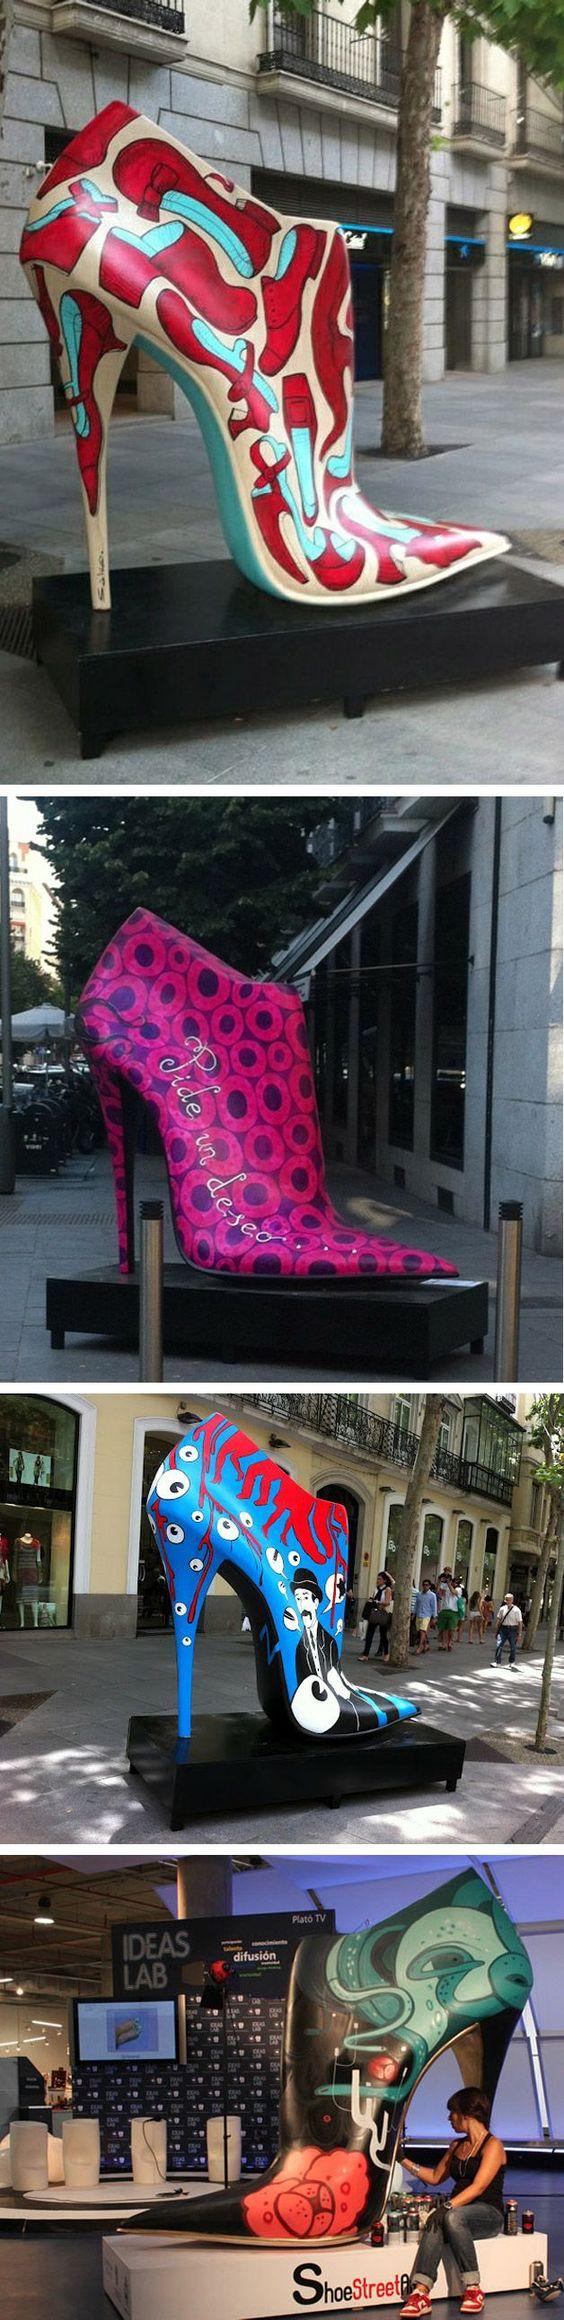 Shoe Street Art